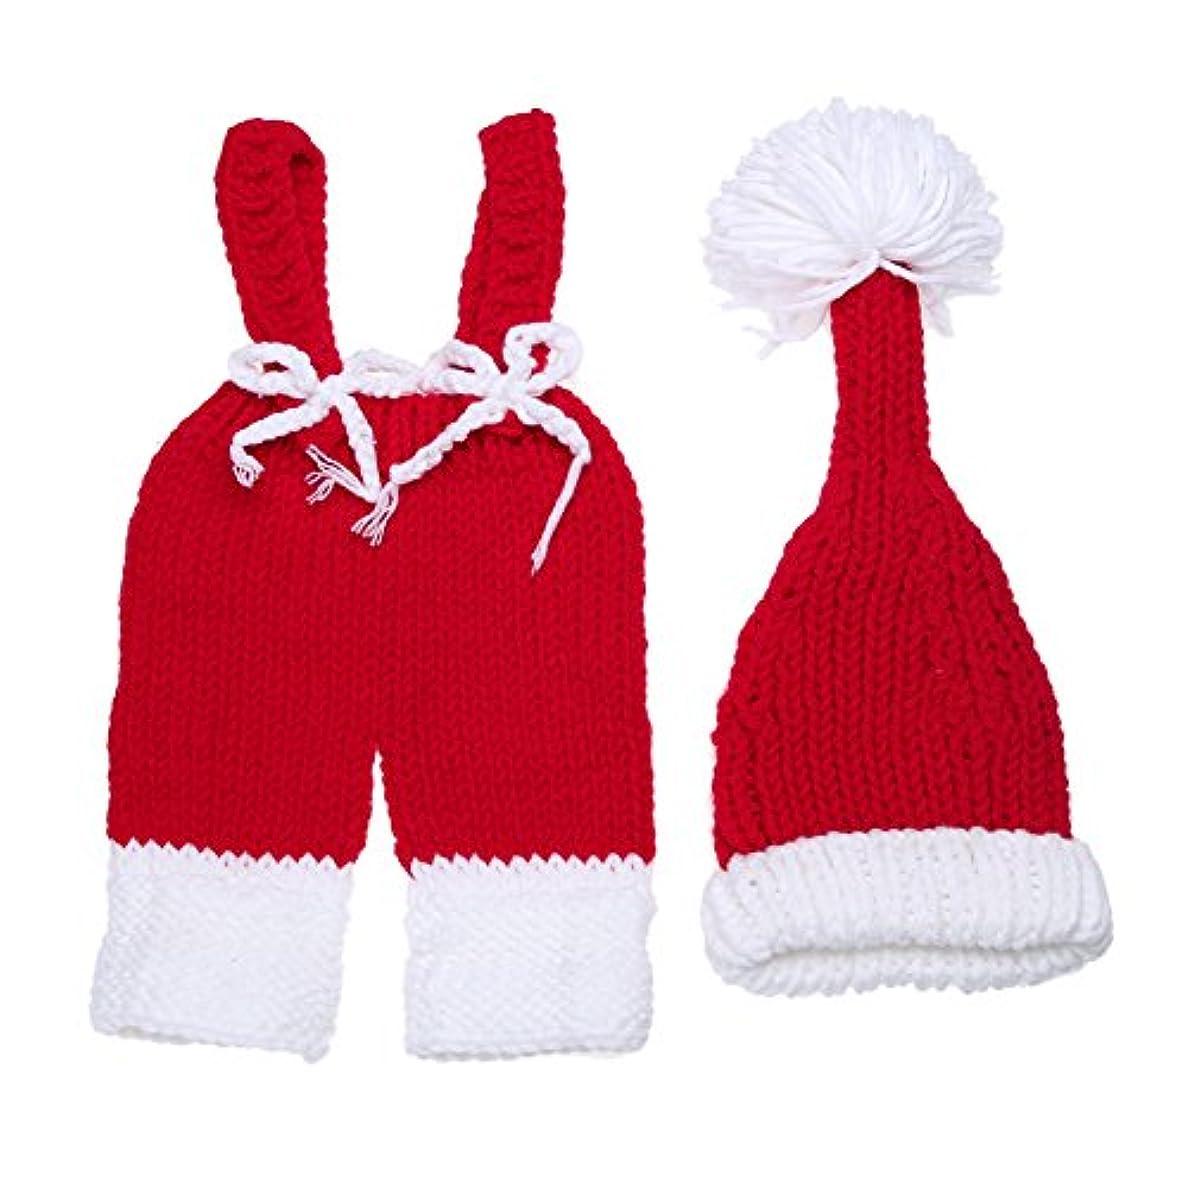 軽減する重要同情Bestjpshop 可愛い 新生児 赤ちゃん ニット 写真撮影 コスチューム 着ぐるみ スタジオ撮影衣類  クリスマス帽子セット 手作り 写真の小道具 3-4M